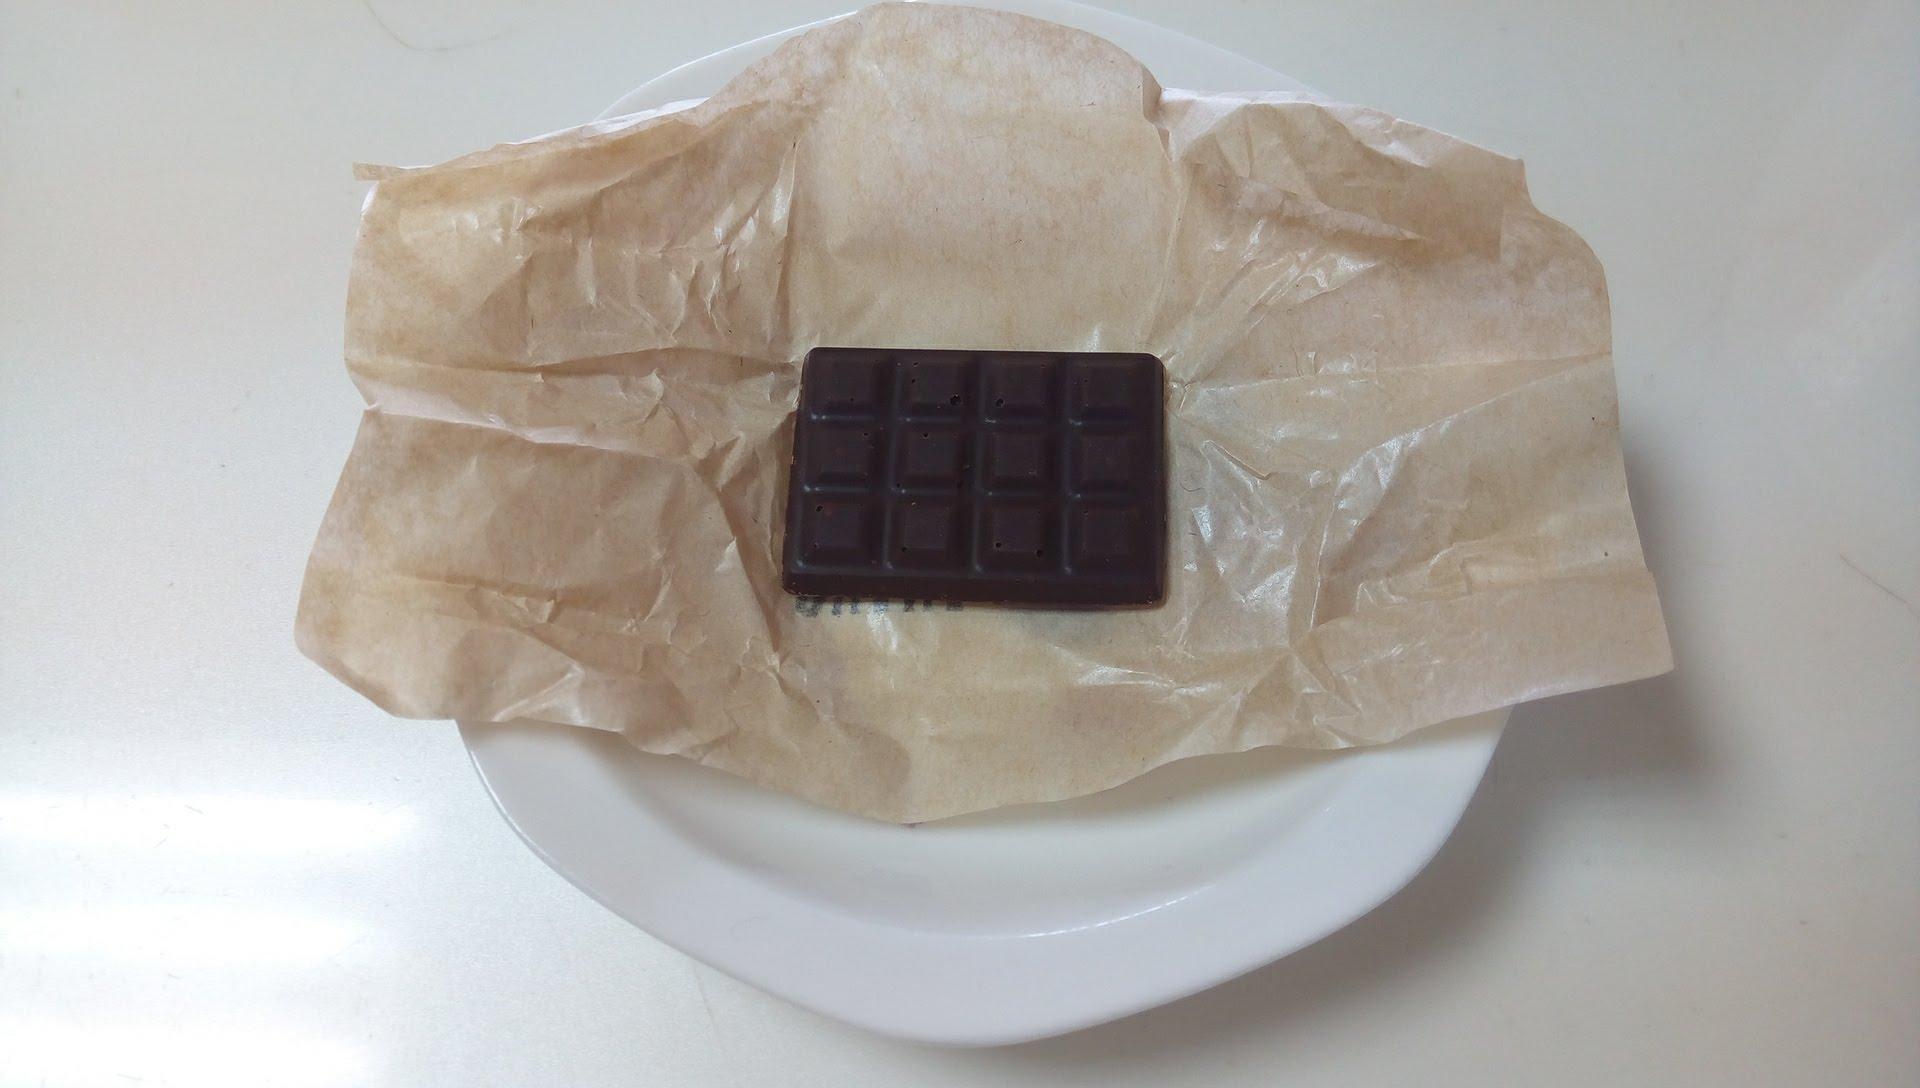 a cute chocolate bar